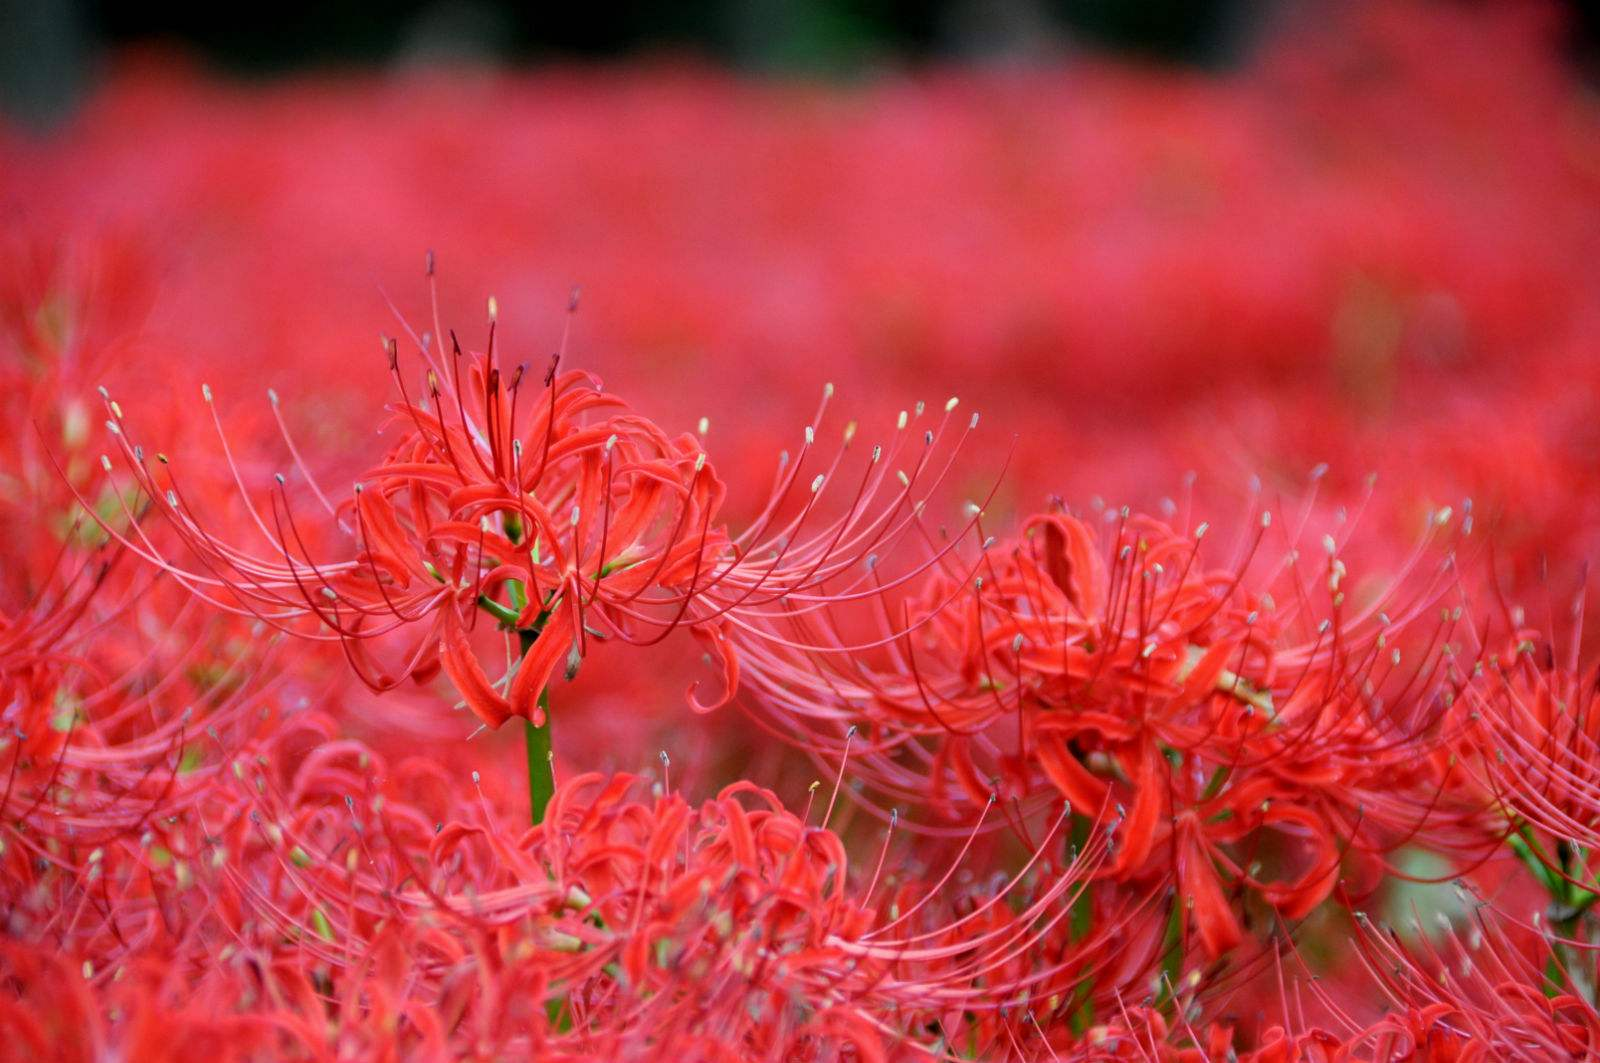 彼岸花传说的由来 彼岸花花语是什么